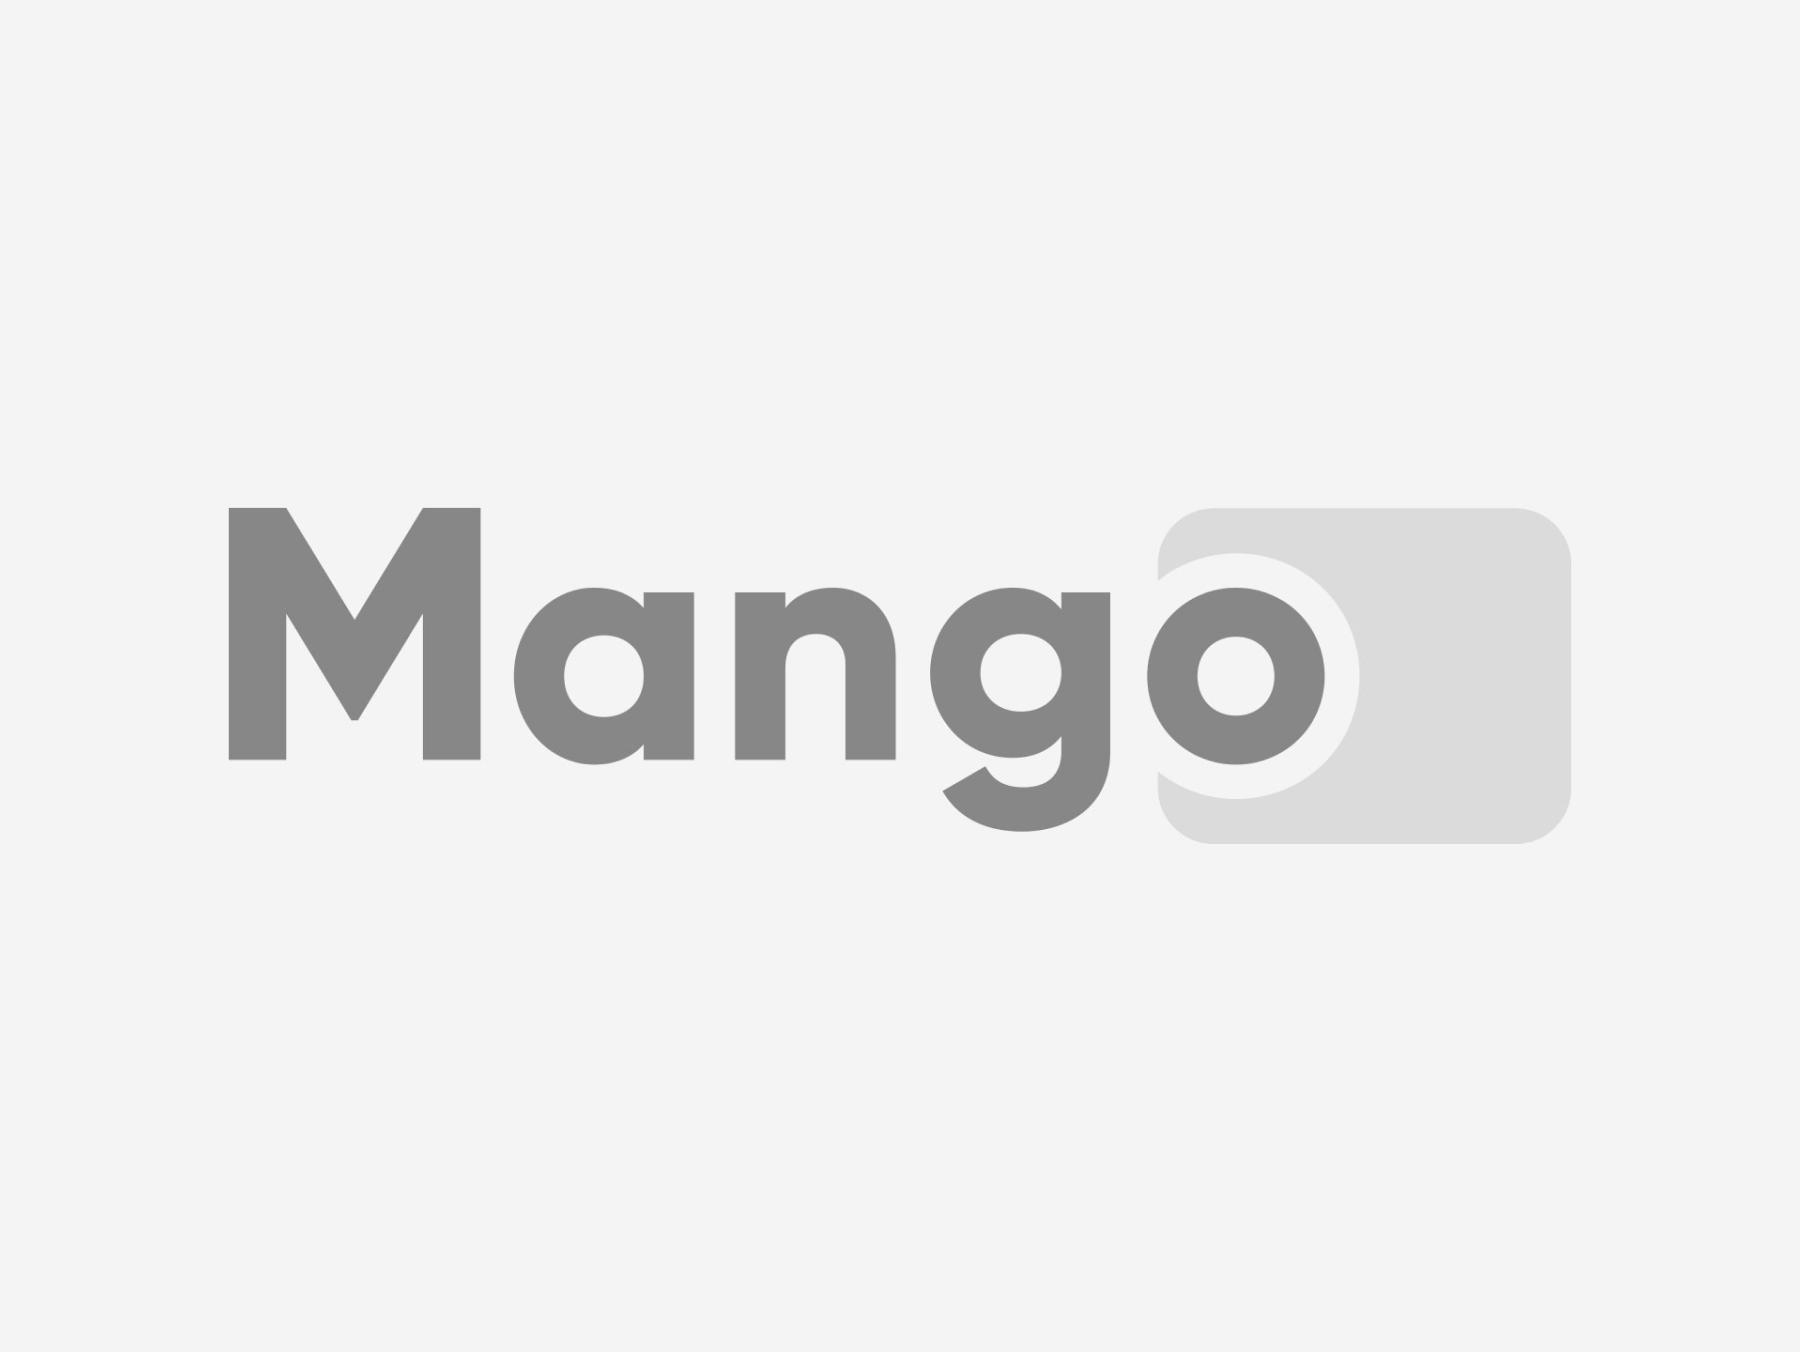 Beat Paleta Tenis de Masa Spokey